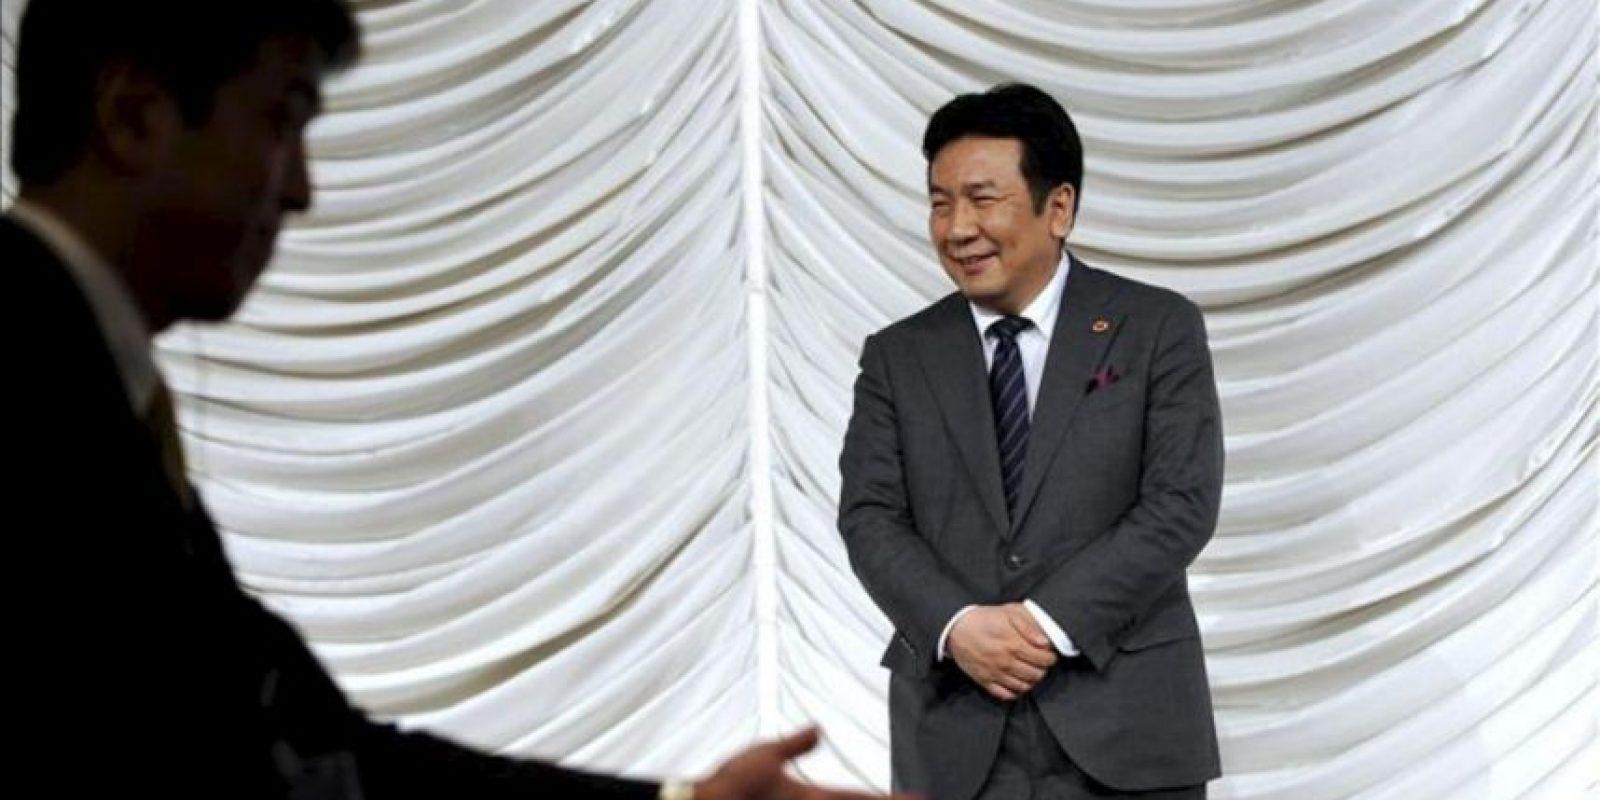 El ministro de Economía, Comercio e Industria de Japón, Yukio Edano, sonríe mientras espera a los ministros de Economía de la Asociación de Naciones del Sudeste Asiático (ASEAN) durante el último día de una reunión en Tokio, Japón. EFE